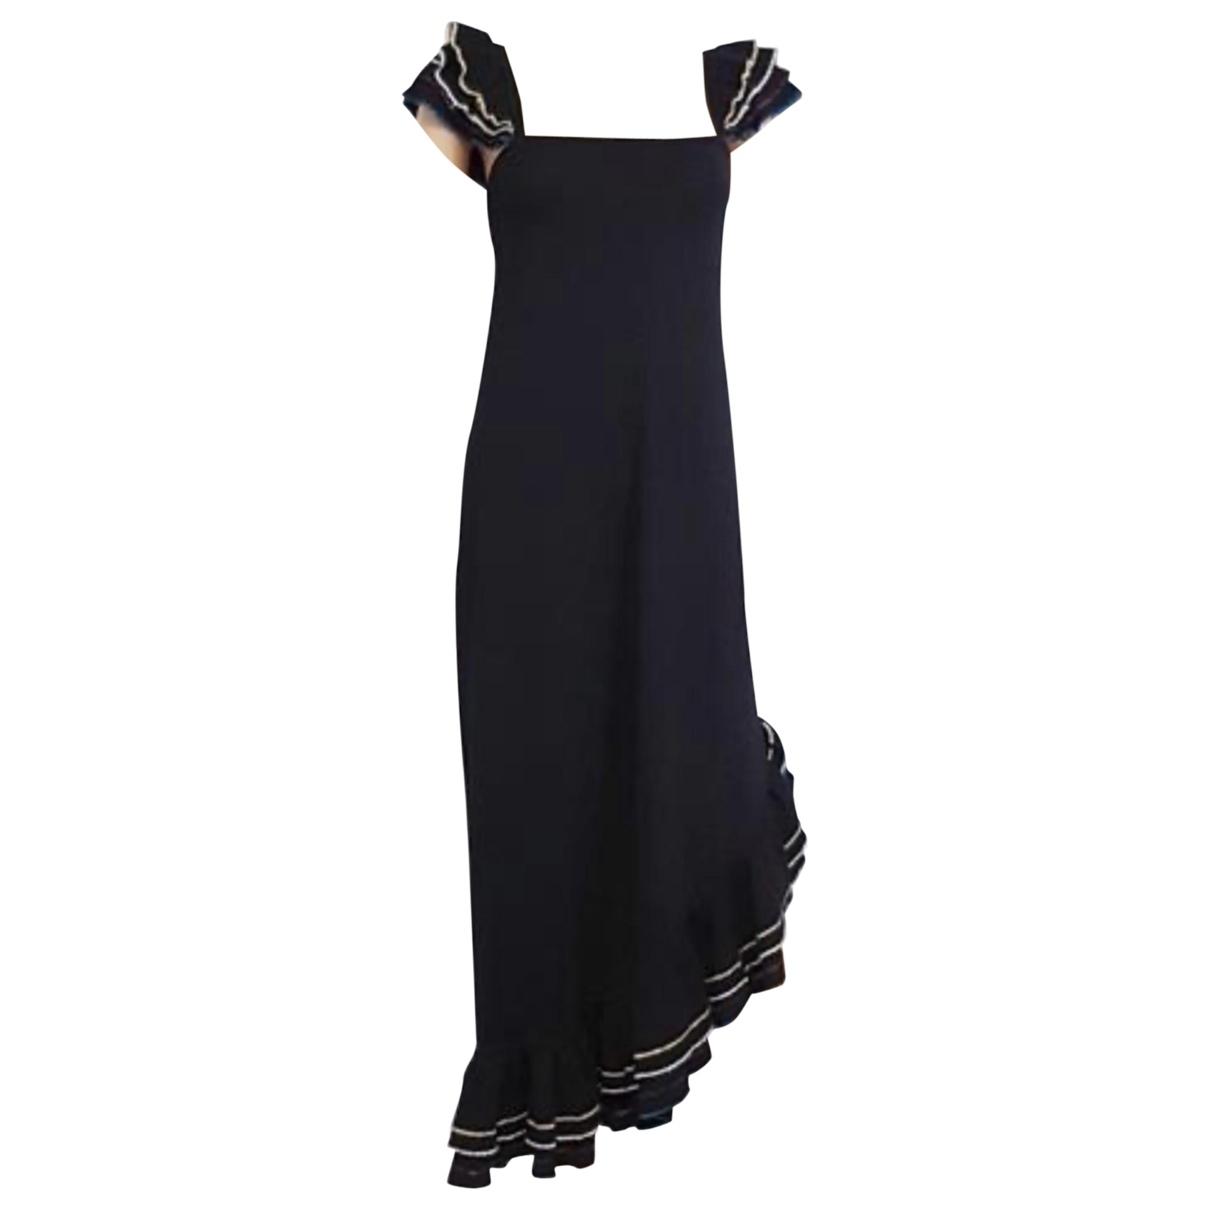 Yves Saint Laurent \N Black Wool dress for Women 36 FR